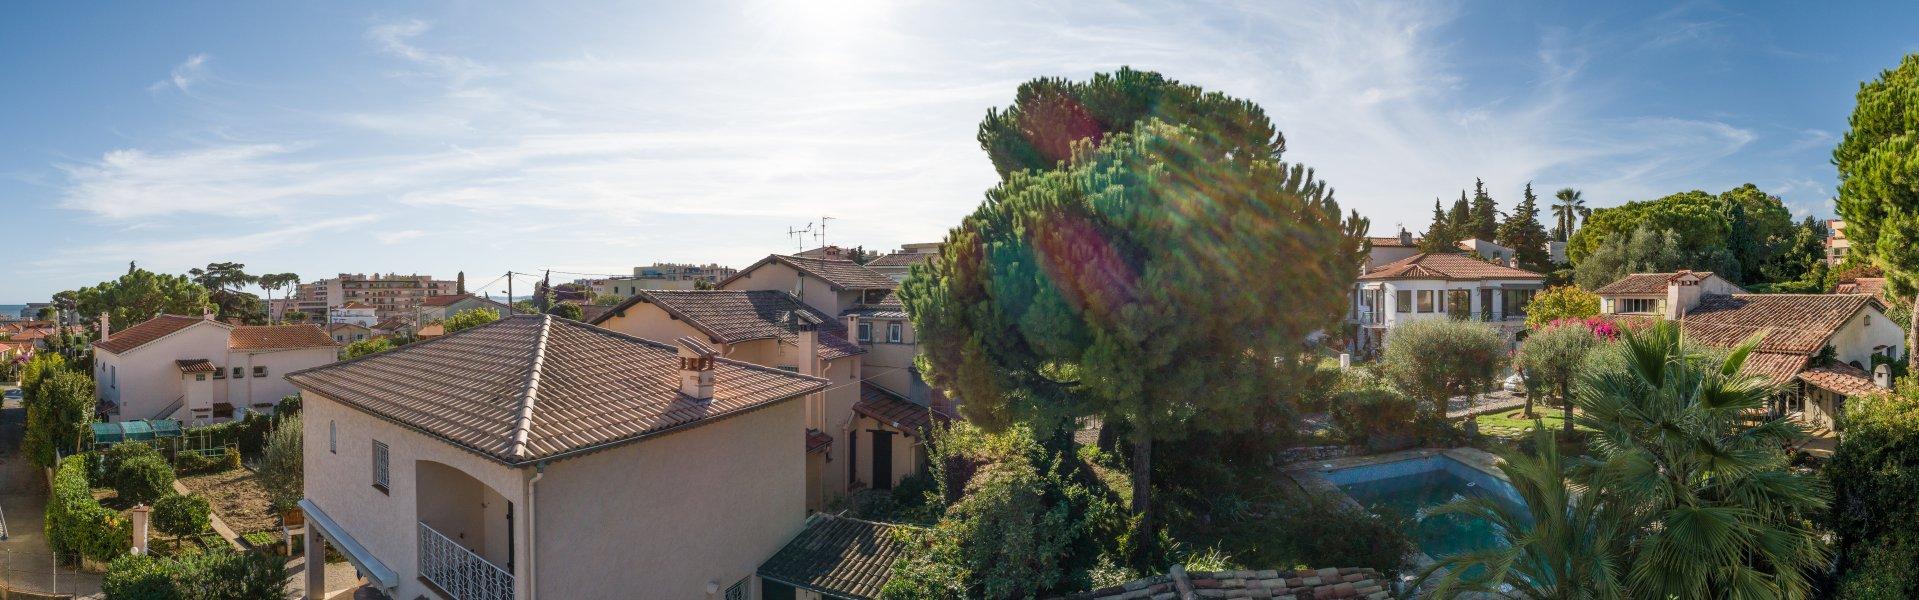 CAGNES-SUR-MER - Prôvence-Alpes-Côte d'azur - vente appartement neuf - Aperçu mer